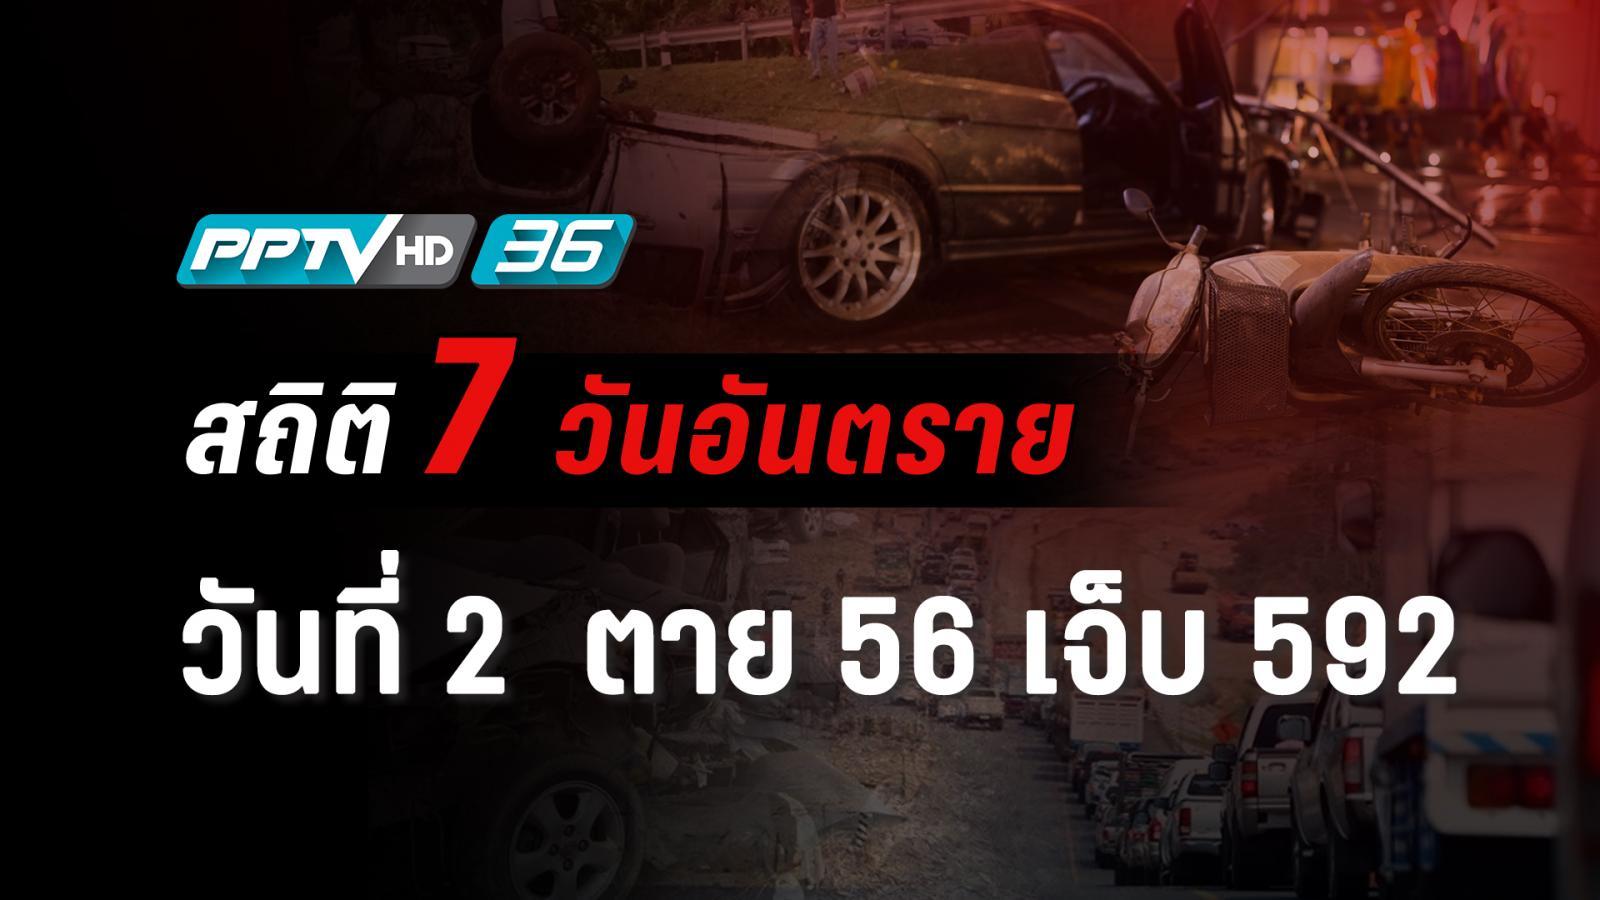 7 วันอันตราย  ล่วงเข้าวันที่ 2 ตาย 56 เจ็บ 592